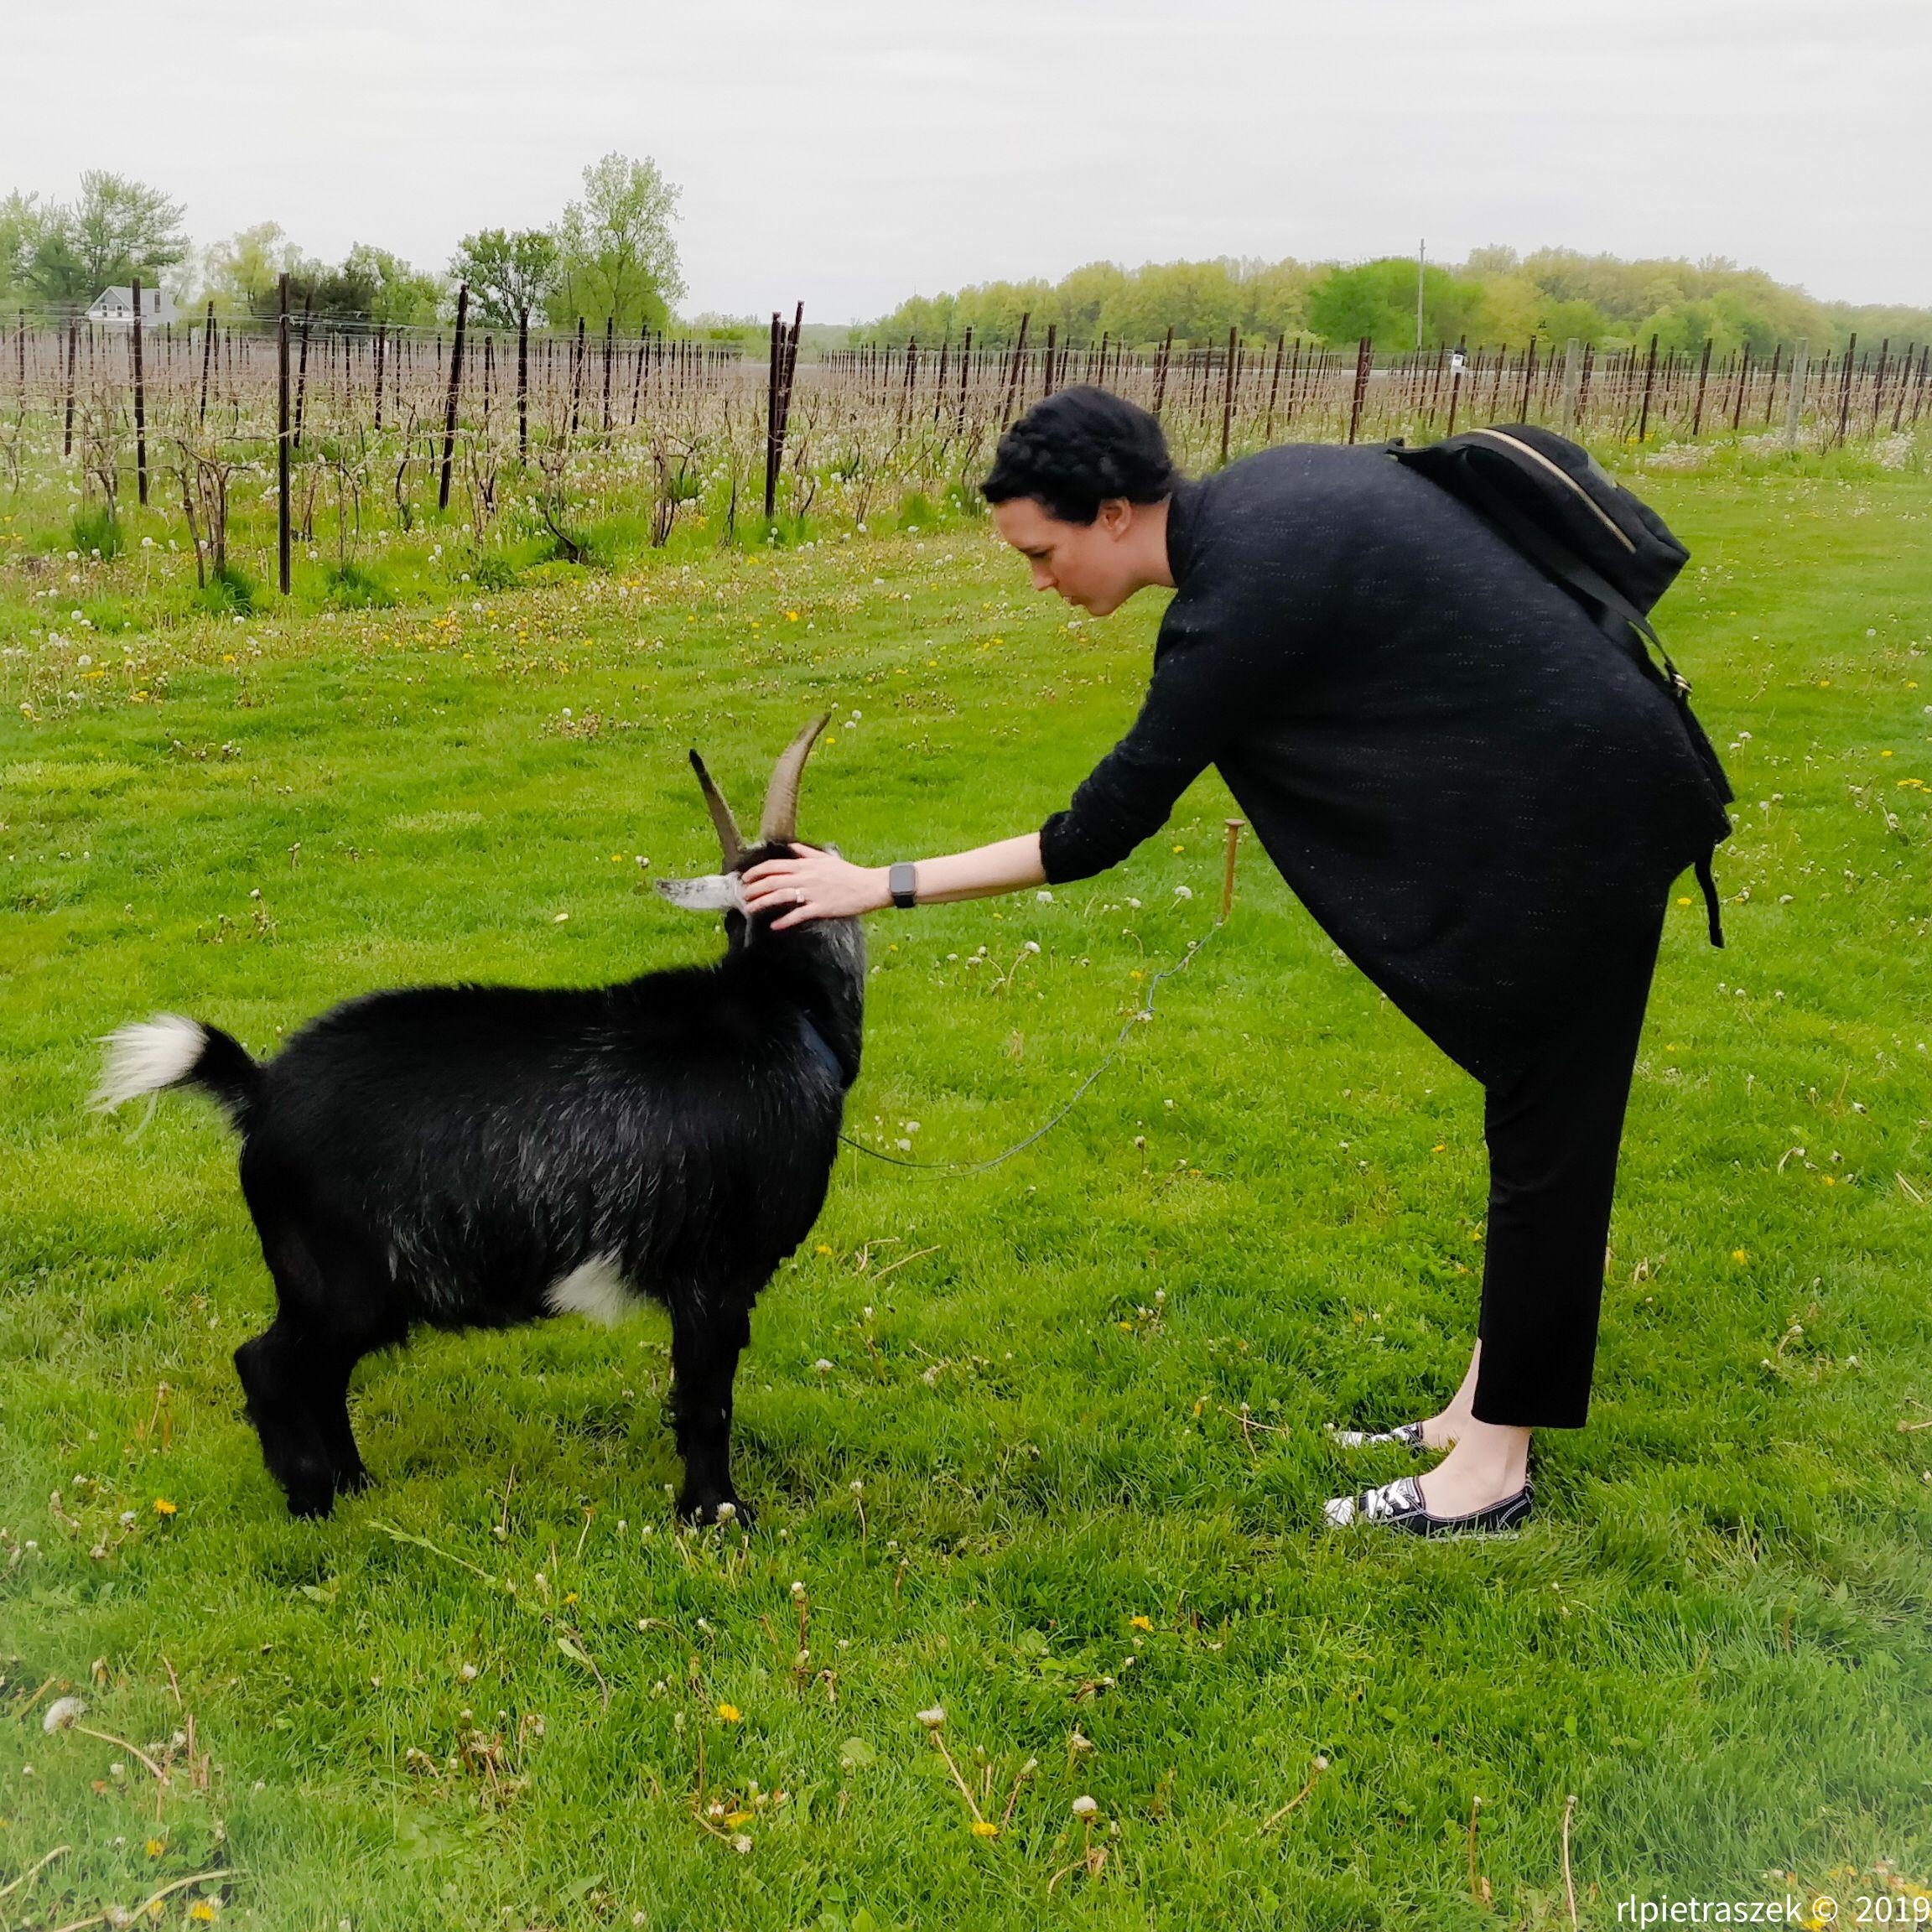 last weekend i met a goat